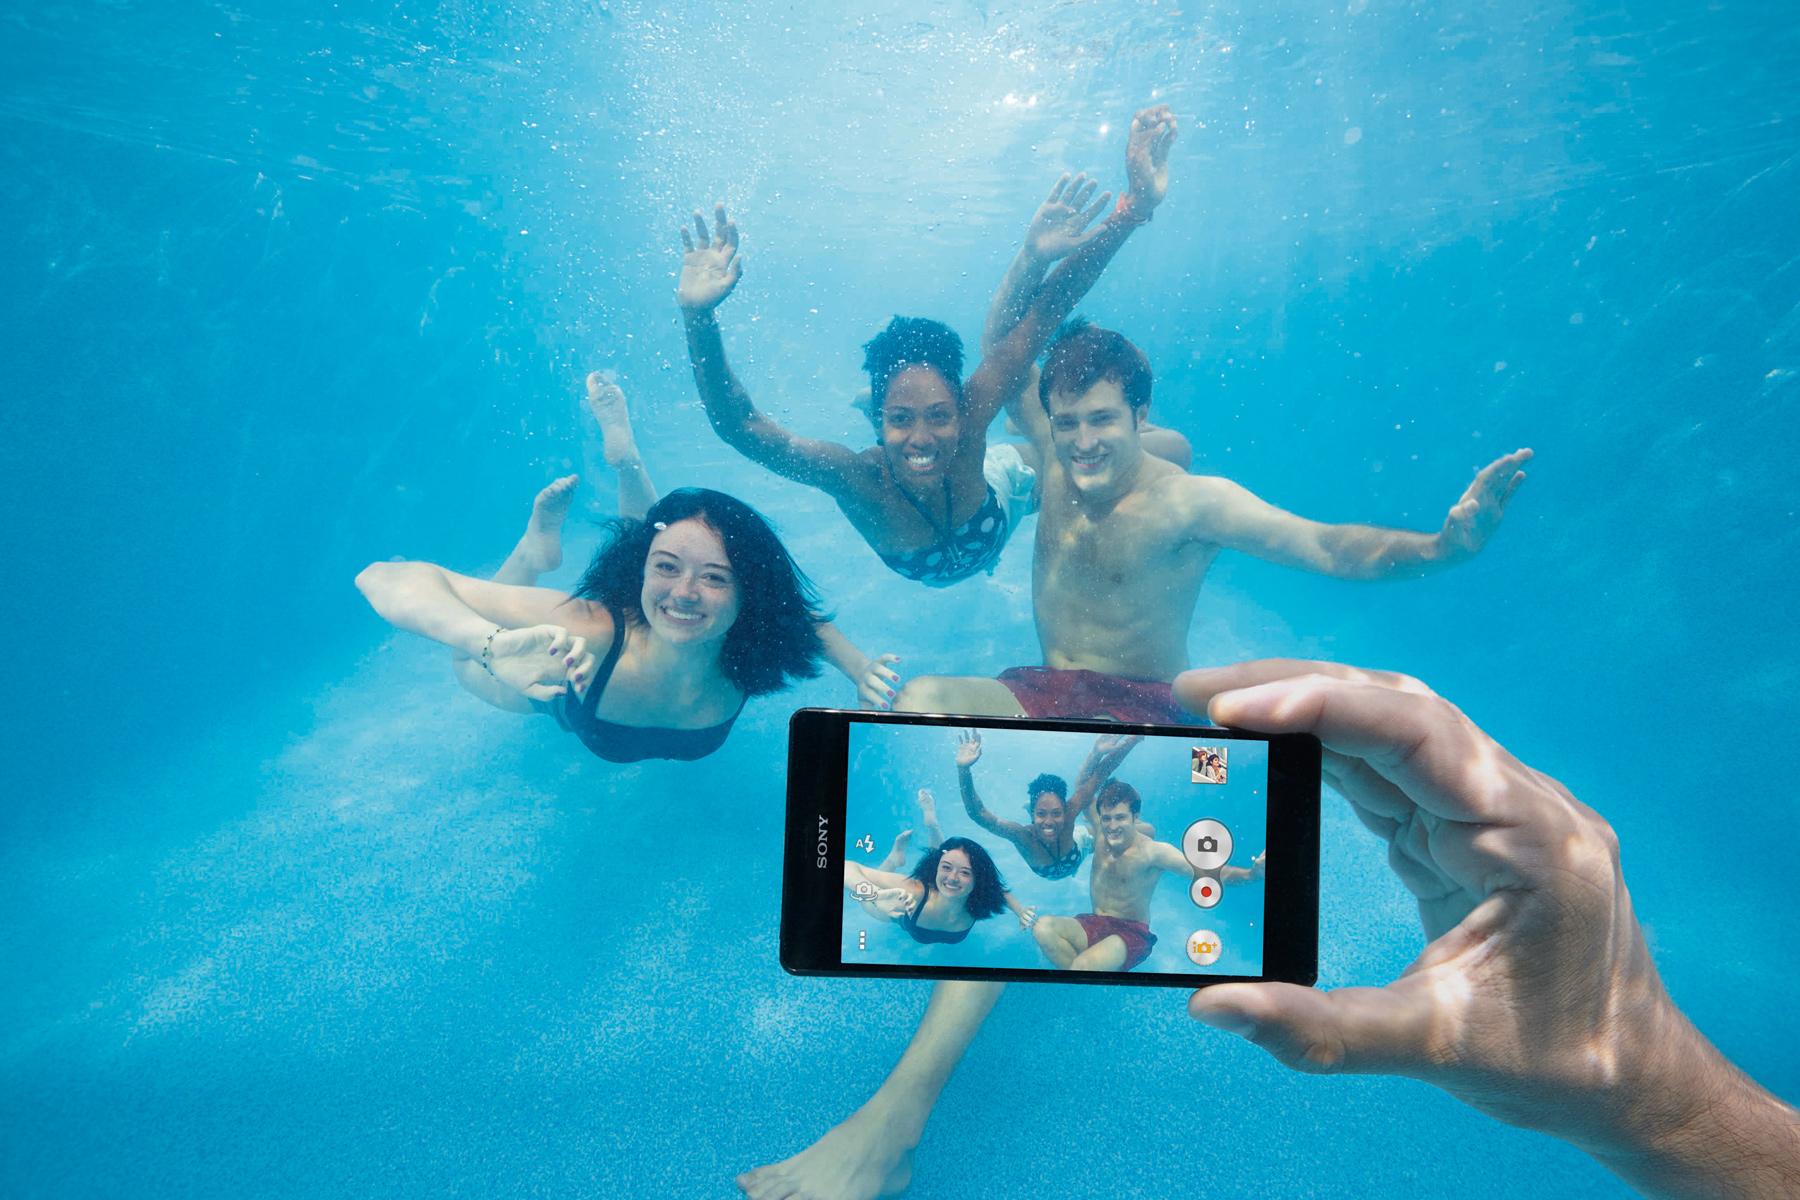 Sony Xperia Z3 Underwater